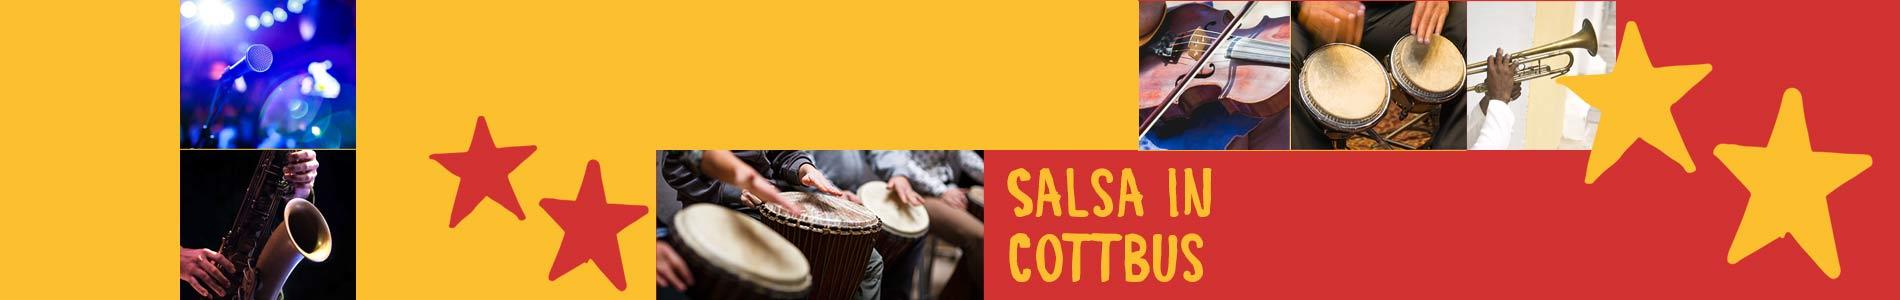 Salsa in Cottbus – Salsa lernen und tanzen, Tanzkurse, Partys, Veranstaltungen